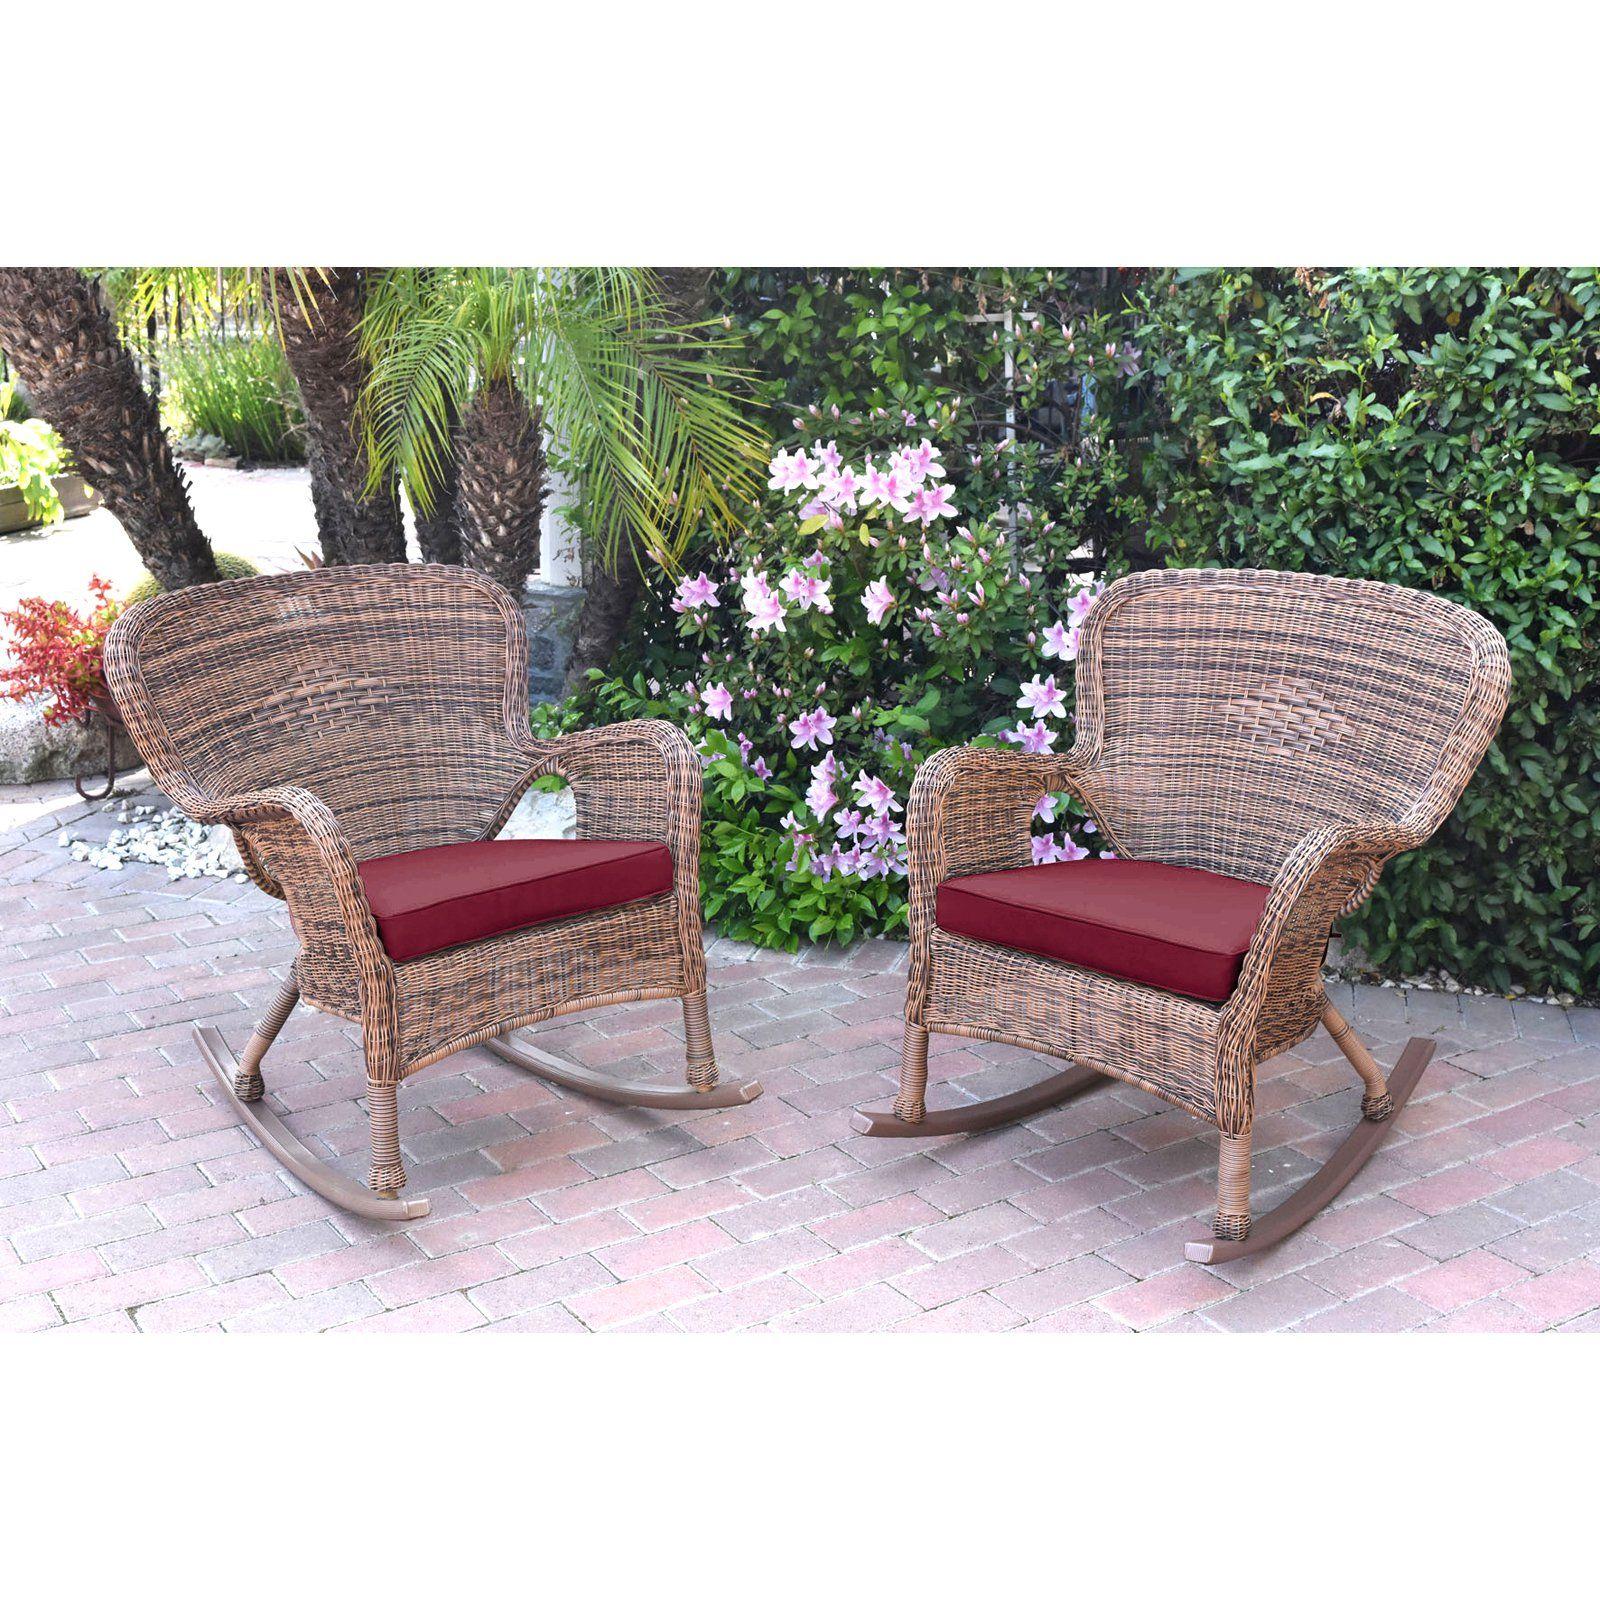 Remarkable Jeco Windsor Resin Wicker Outdoor Rocking Chair Set Of 2 Inzonedesignstudio Interior Chair Design Inzonedesignstudiocom